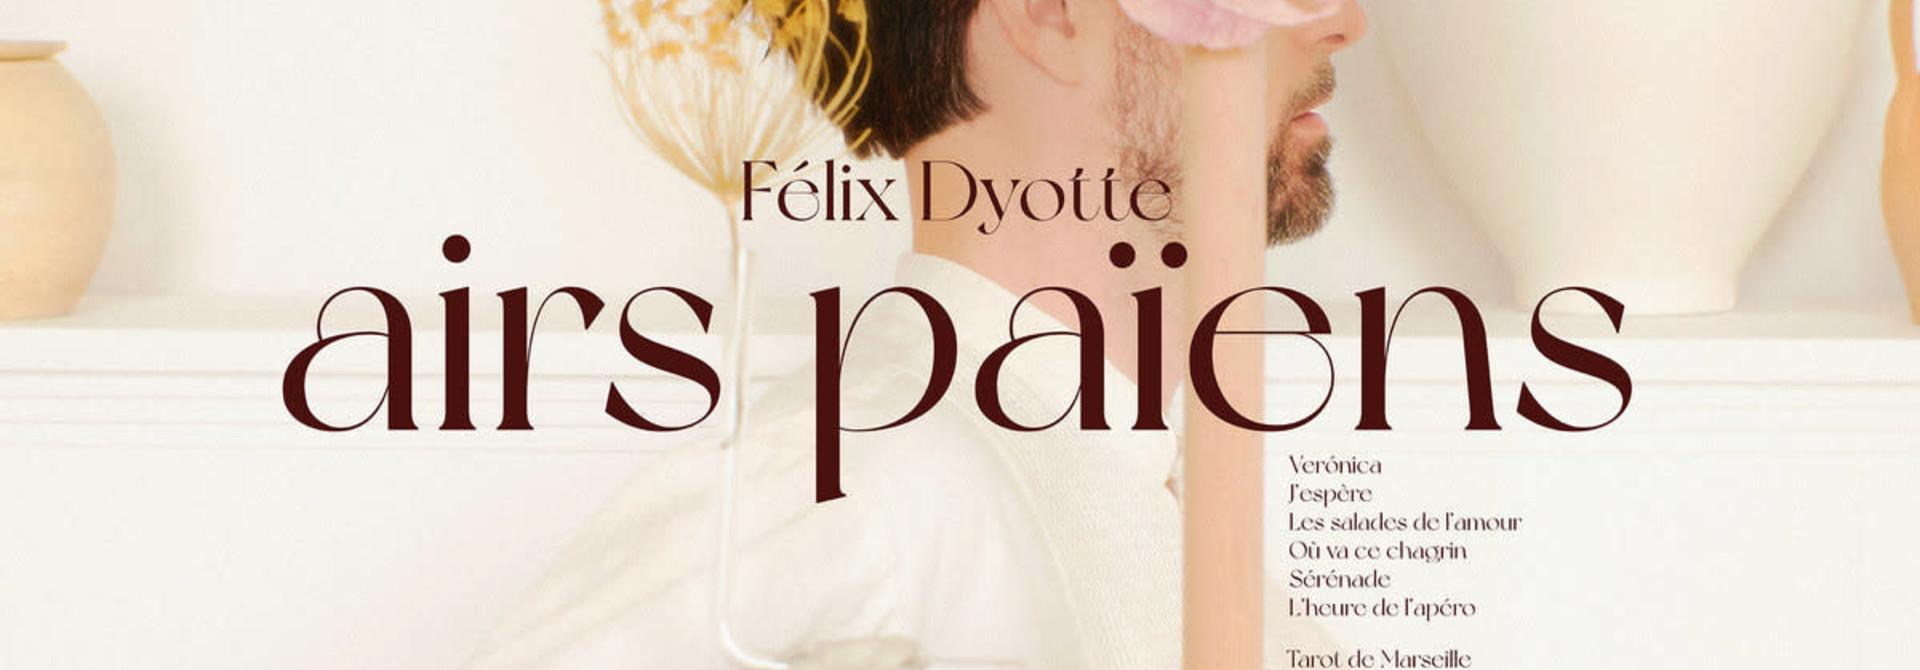 Félix Dyotte • Airs païens (RSD2021)